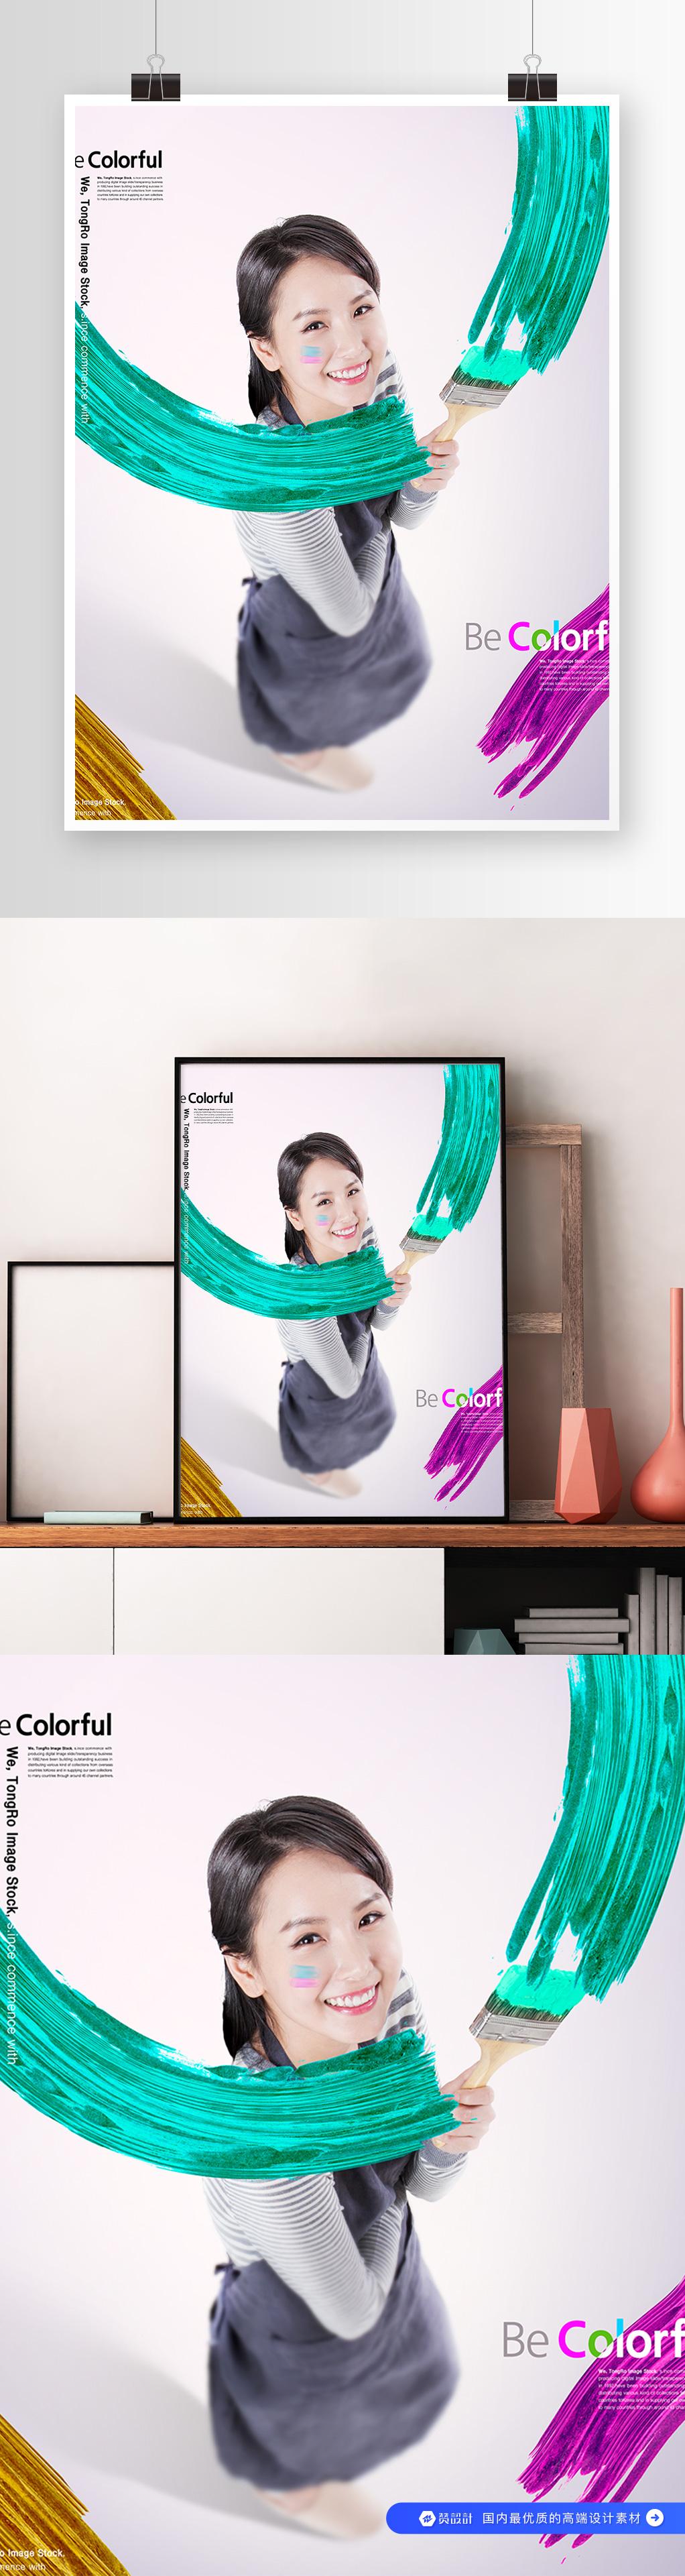 彩色油漆  美女合成海报素材 (5)